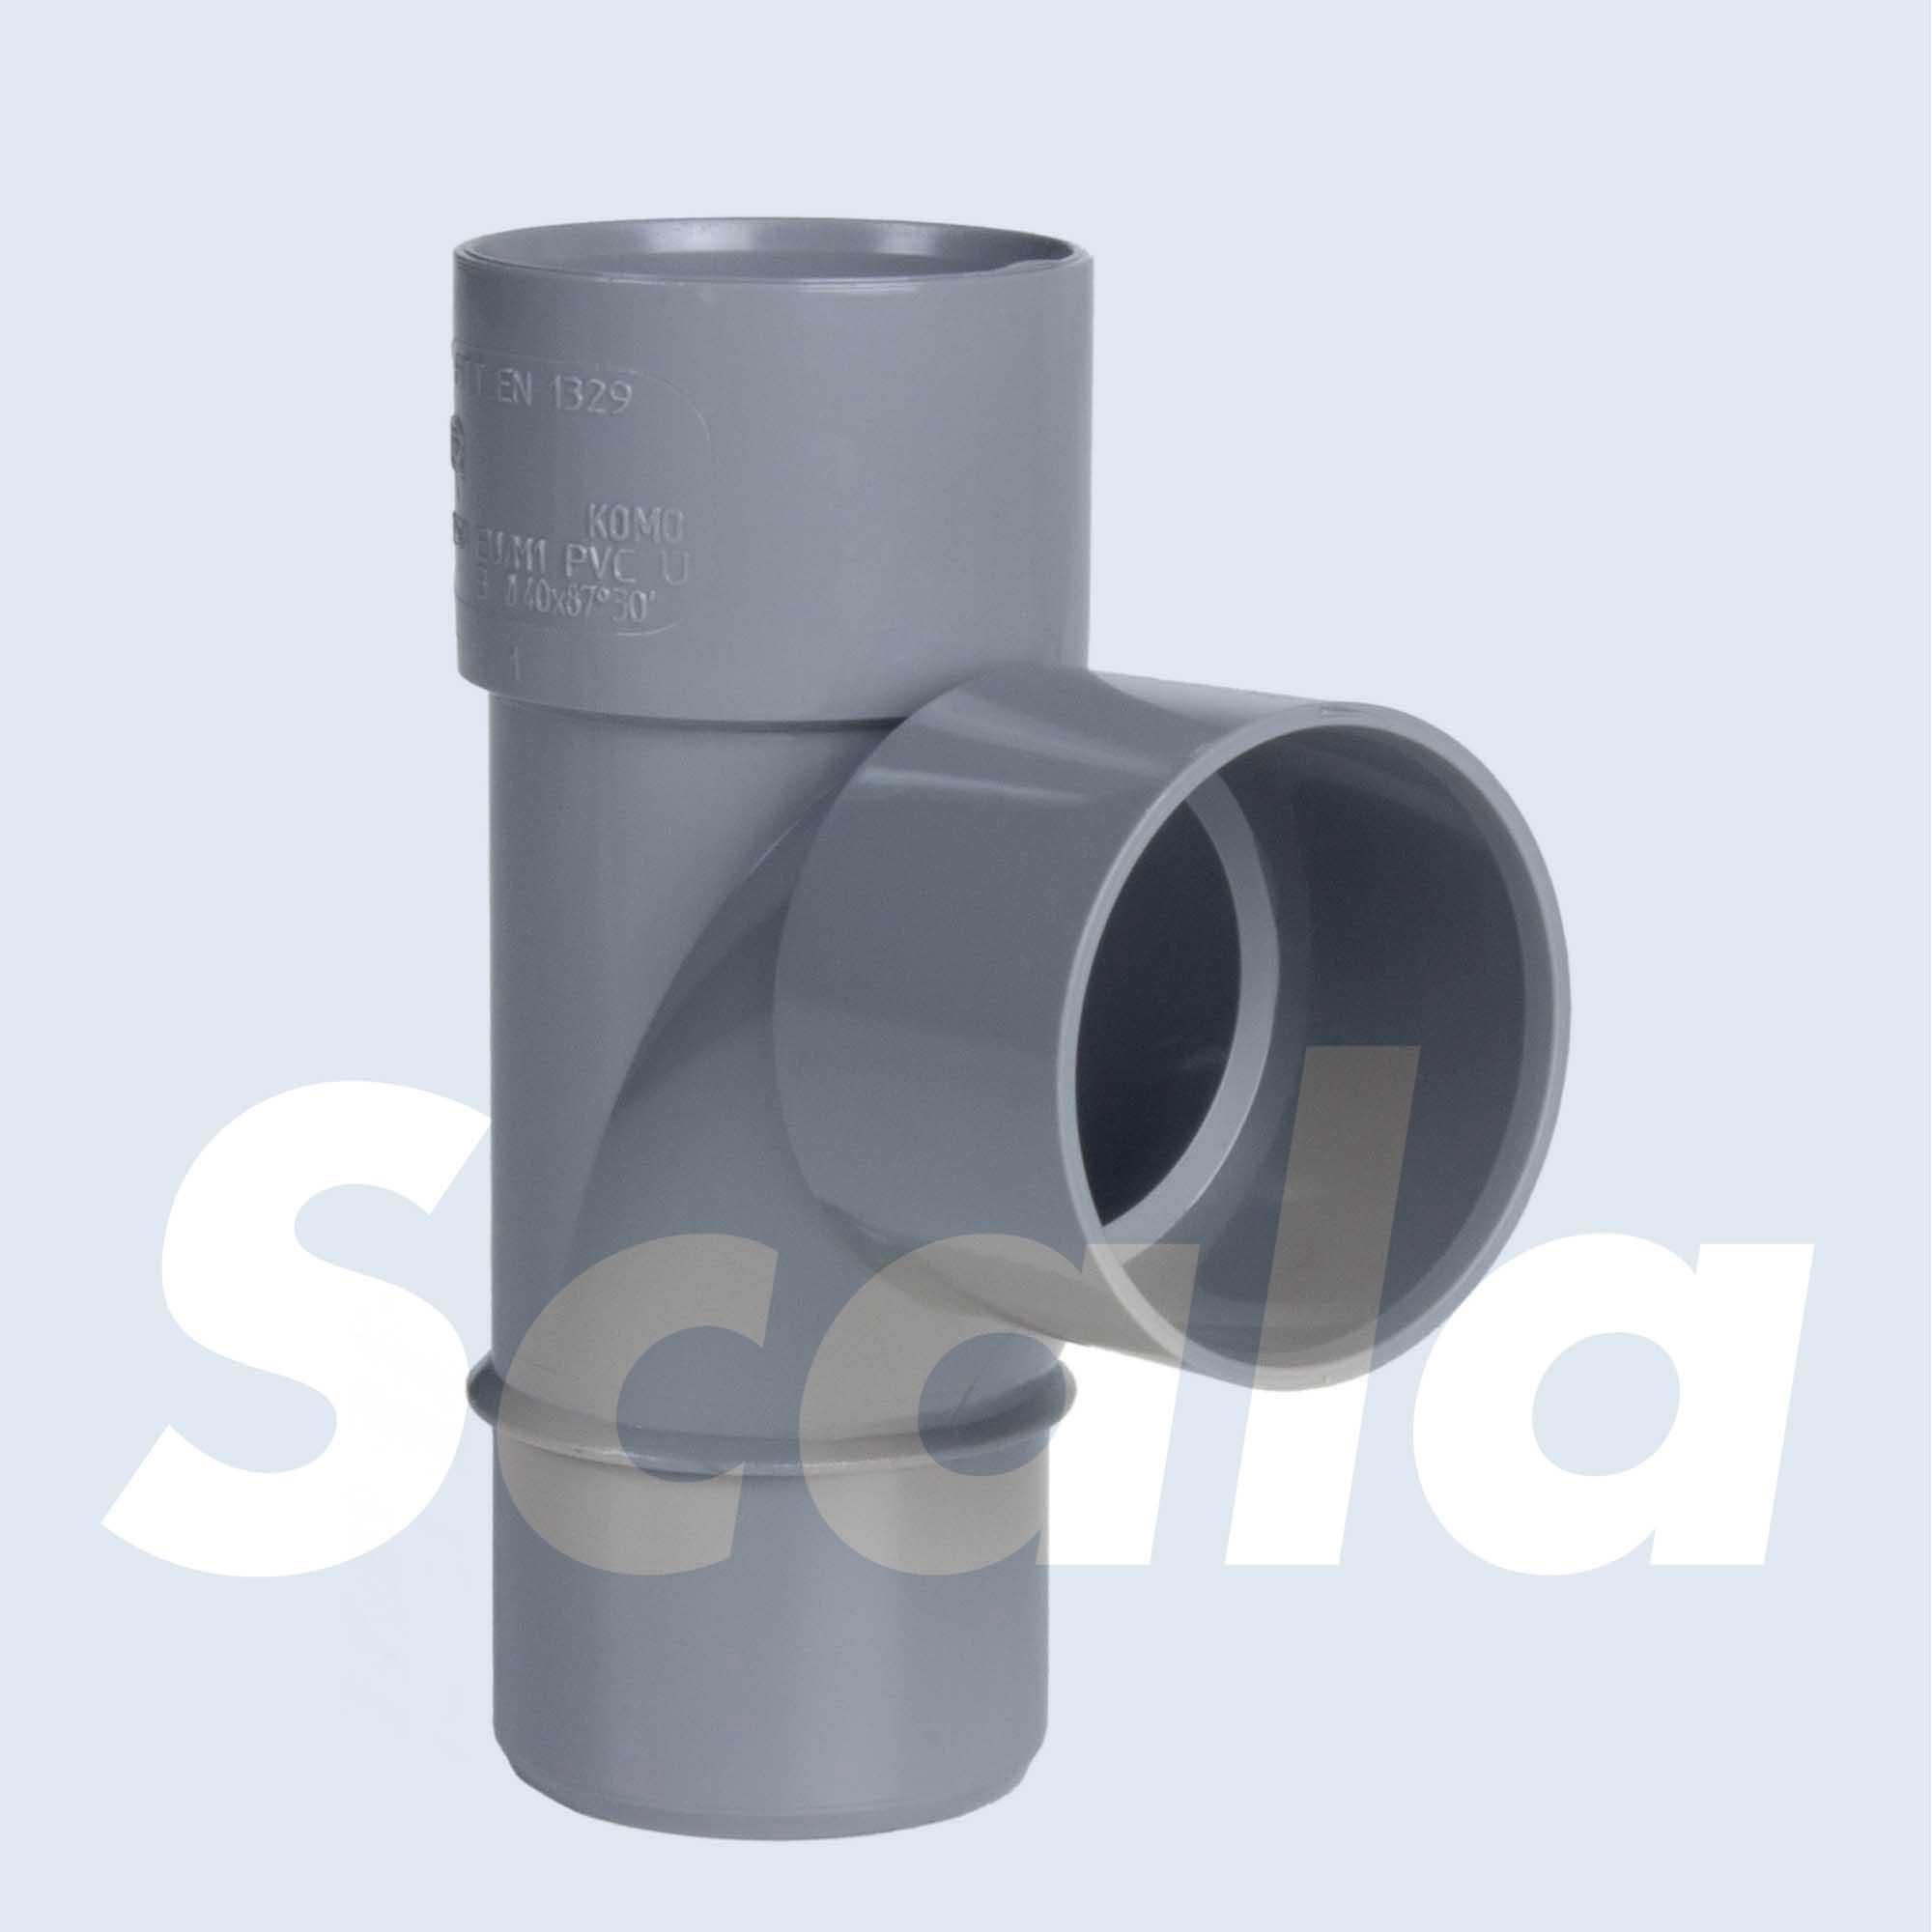 SAN. T-ST. SG DIA 40-87' M/F